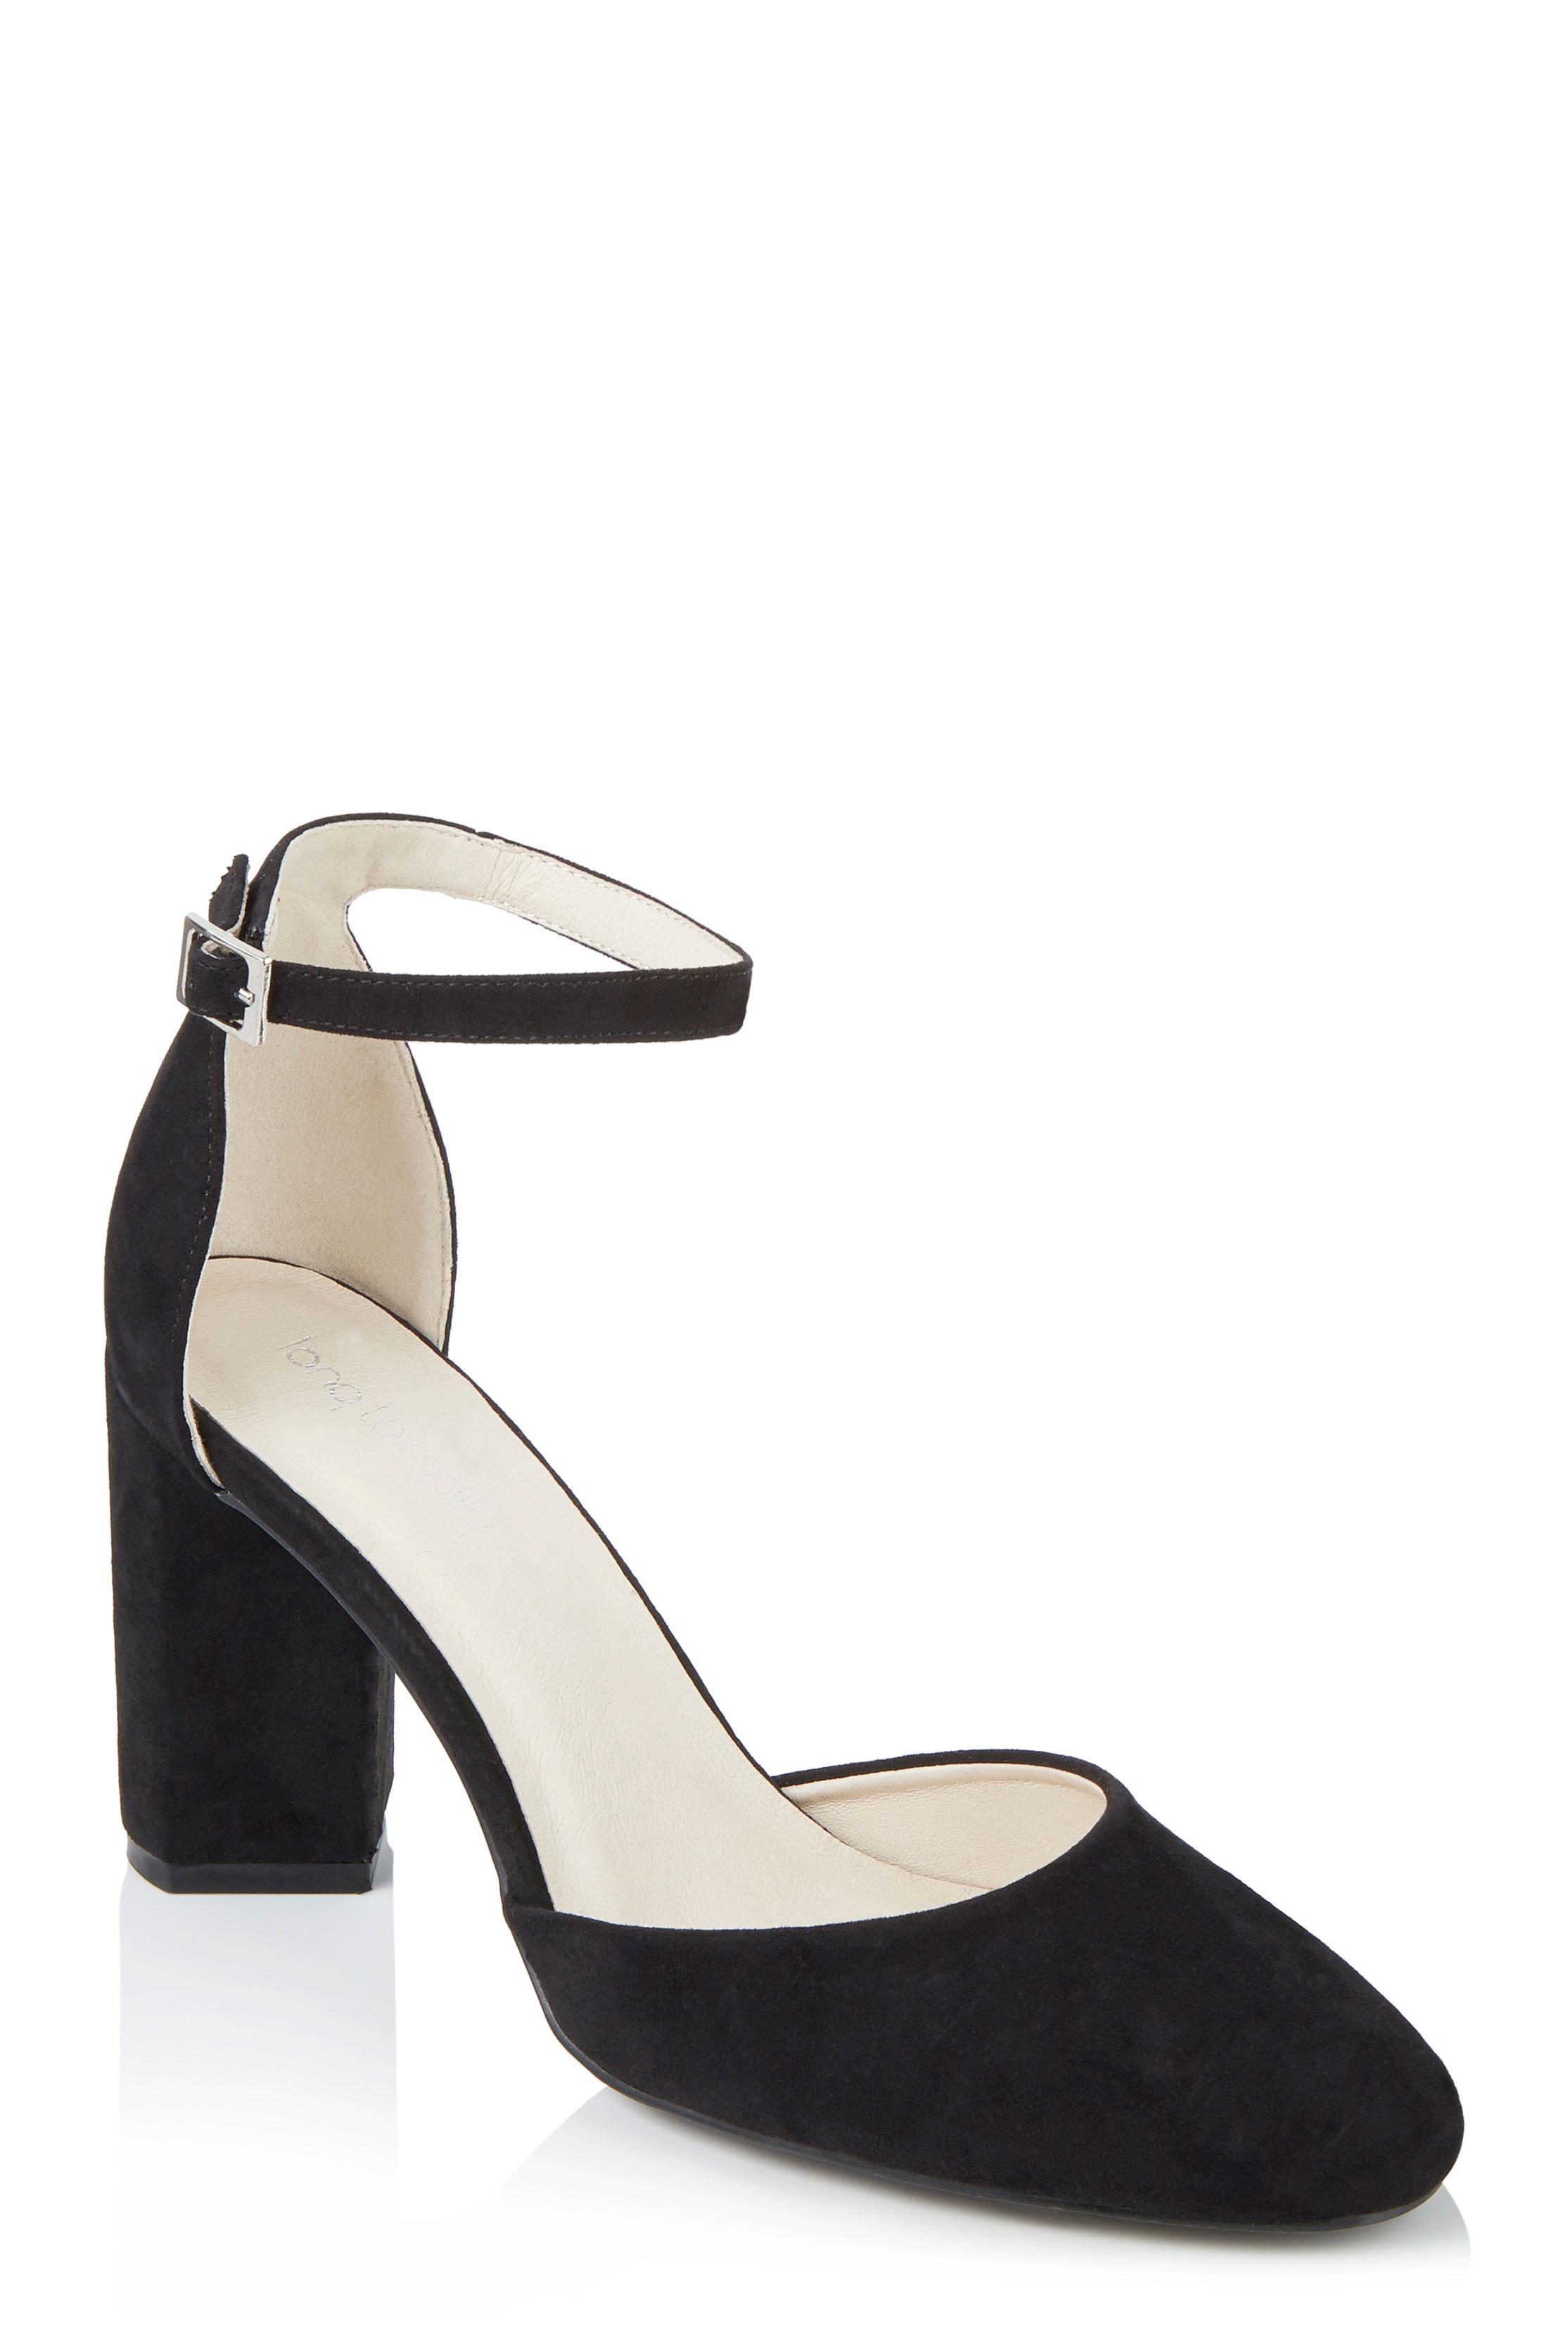 LTS Black Ellie Embroidered Heel